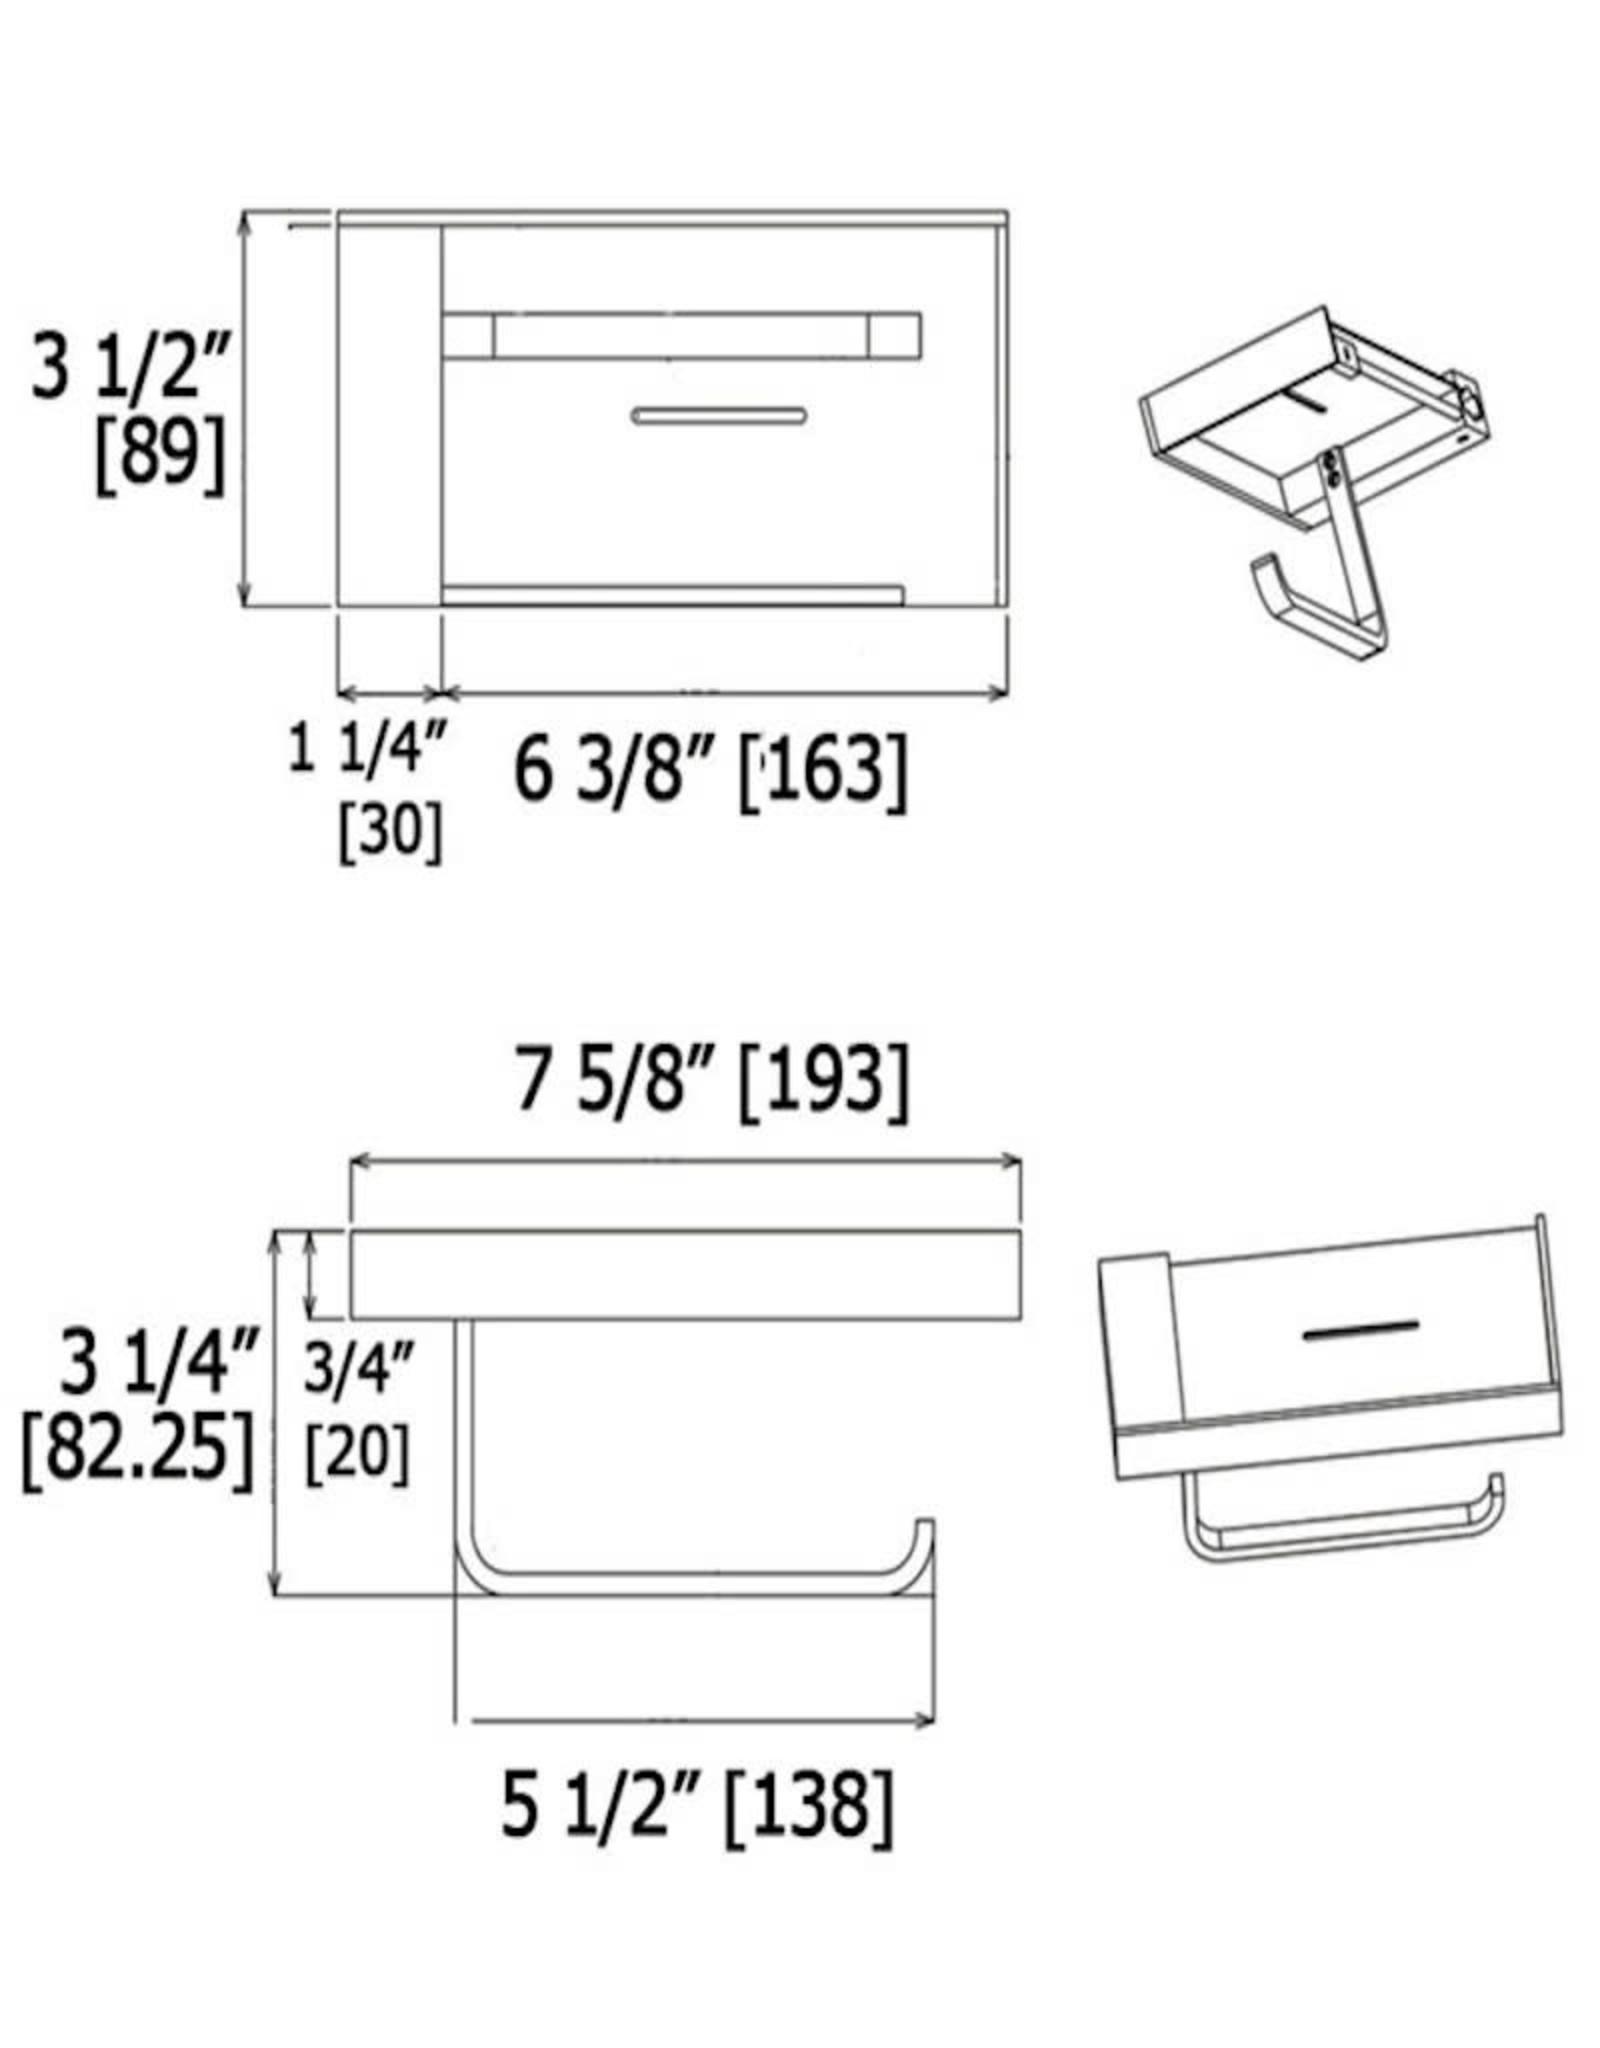 LalOO Laloo Paper Holder w/ Shelf